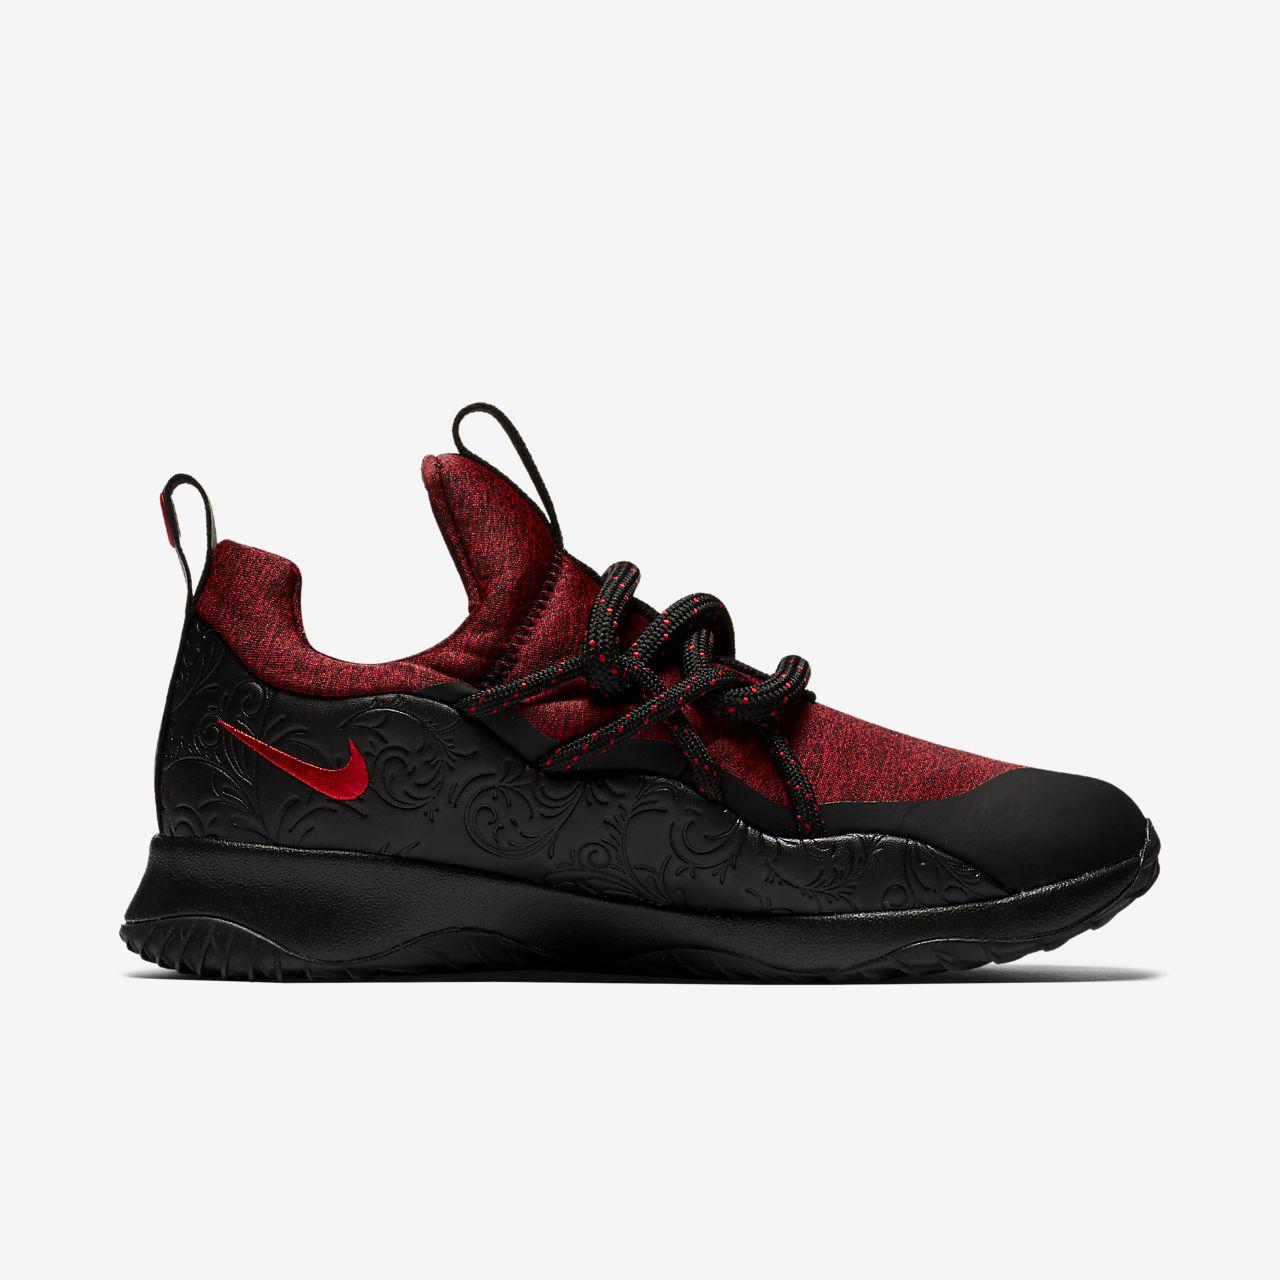 NIKE City Loop Sneaker AJ1694-001 Size 7.5 MSRP 0